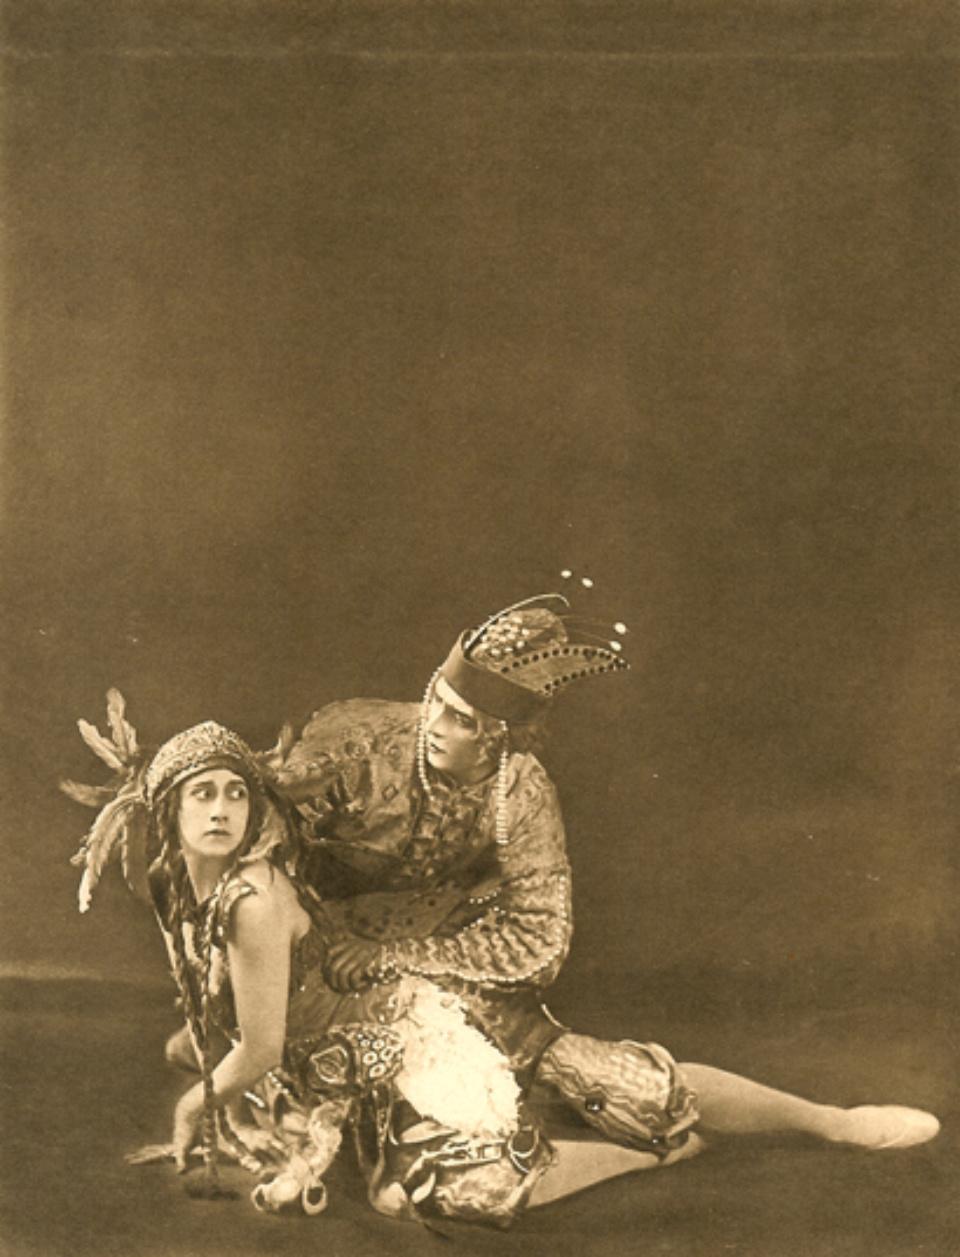 E.O. Hoppé Tamara Karsavina & Adolph Bolm, L'Oiseau de Feu 1911 Photogravüre